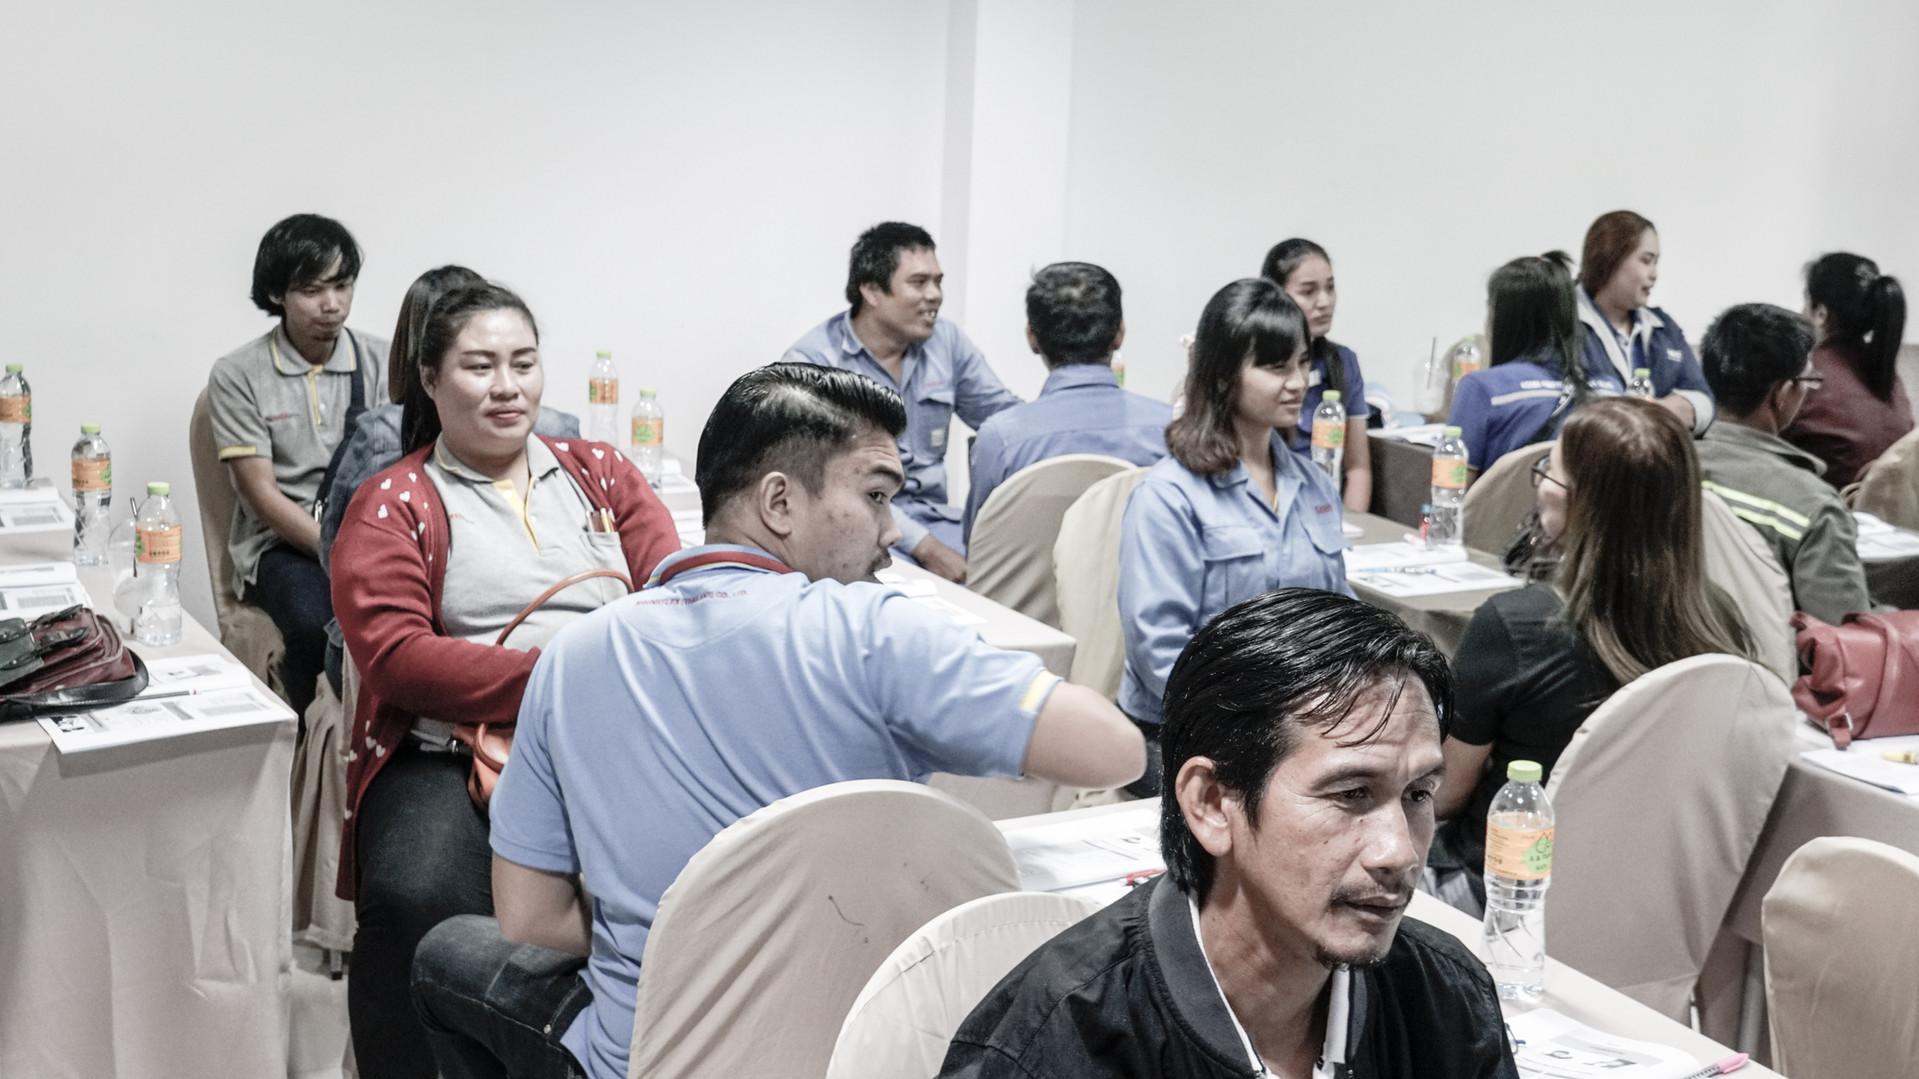 หลักสูตรอบรม ทรัพยากรบุคคล-ภายในองค์กร.j